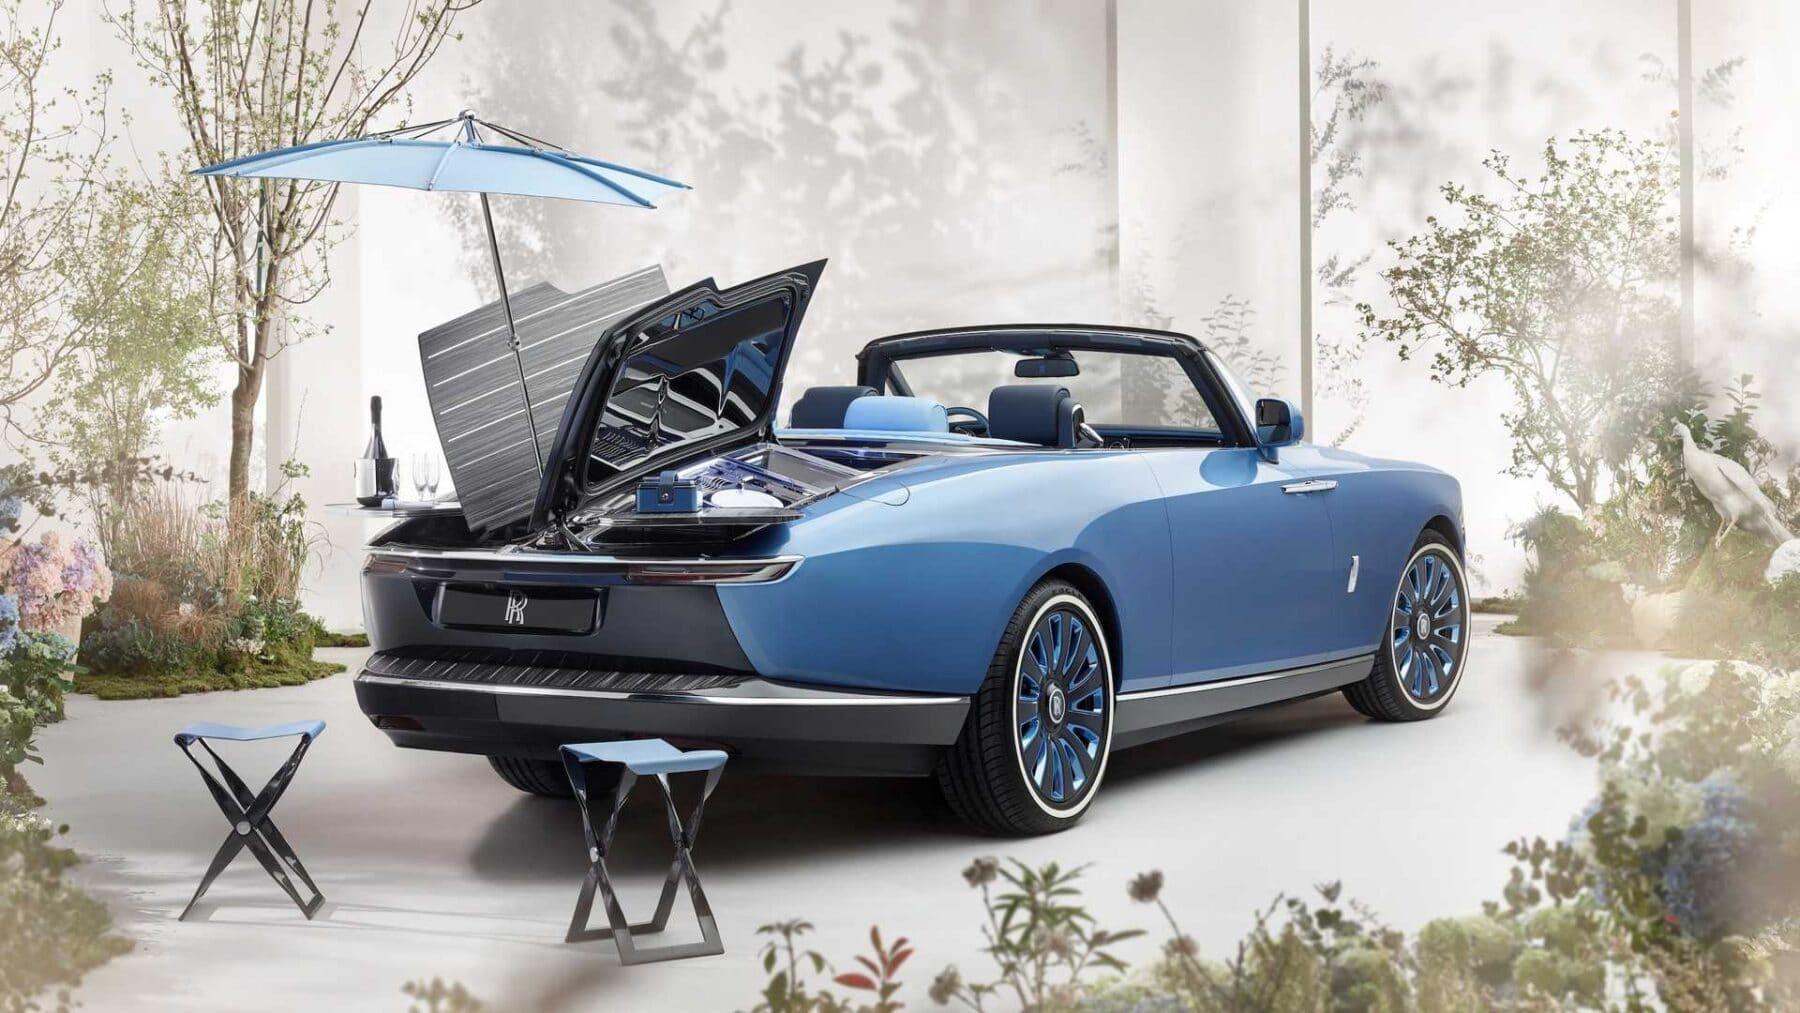 El coche más caro del mundo tiene un precio de 28 millones de dólares